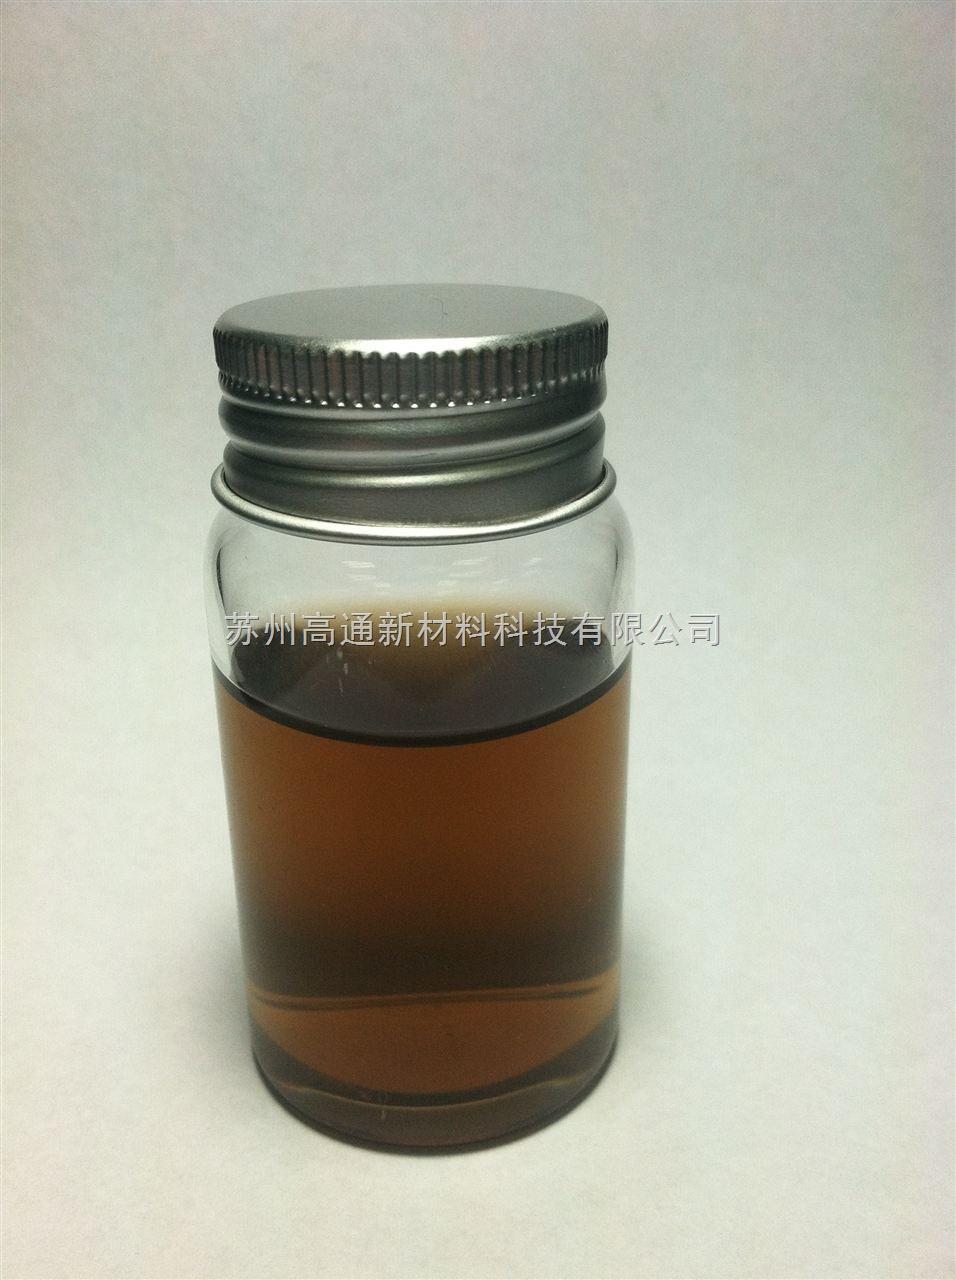 石墨烯-gto-803l氧化石墨烯溶液